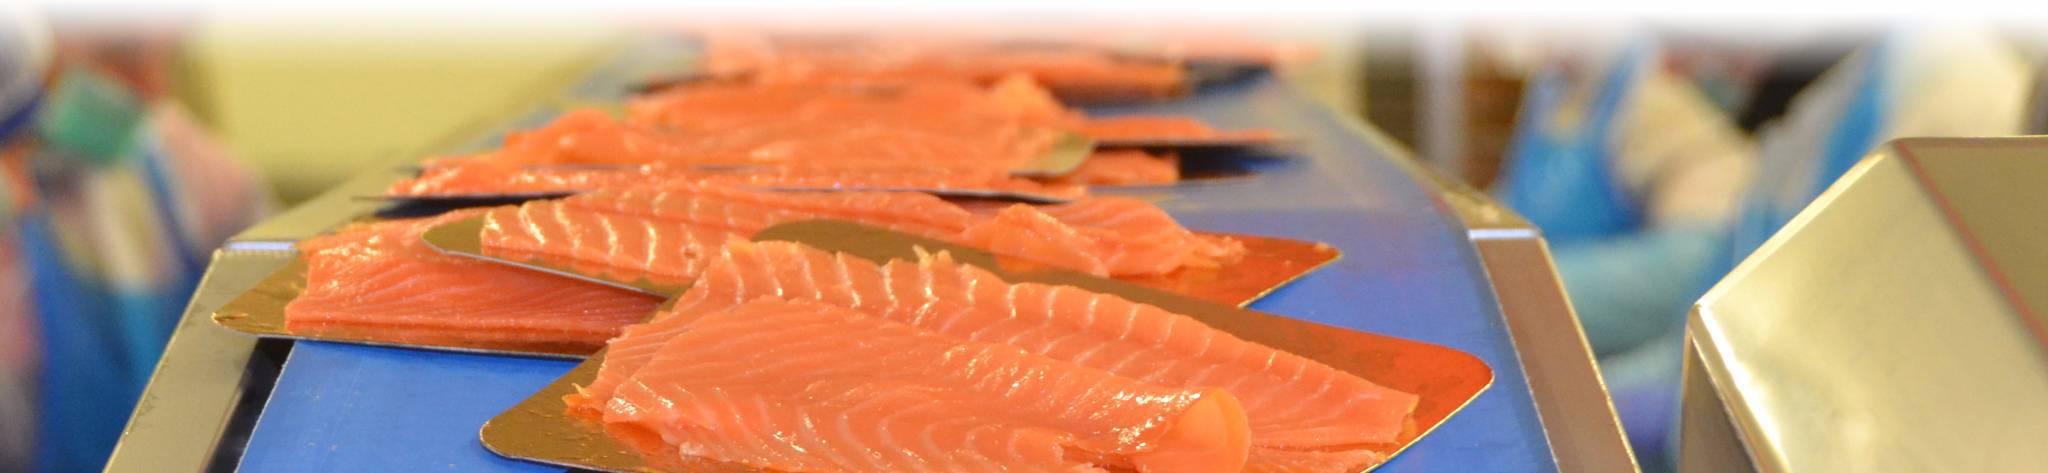 Ritirato il salmone Norvegia affumicato Ahuleva per listeria